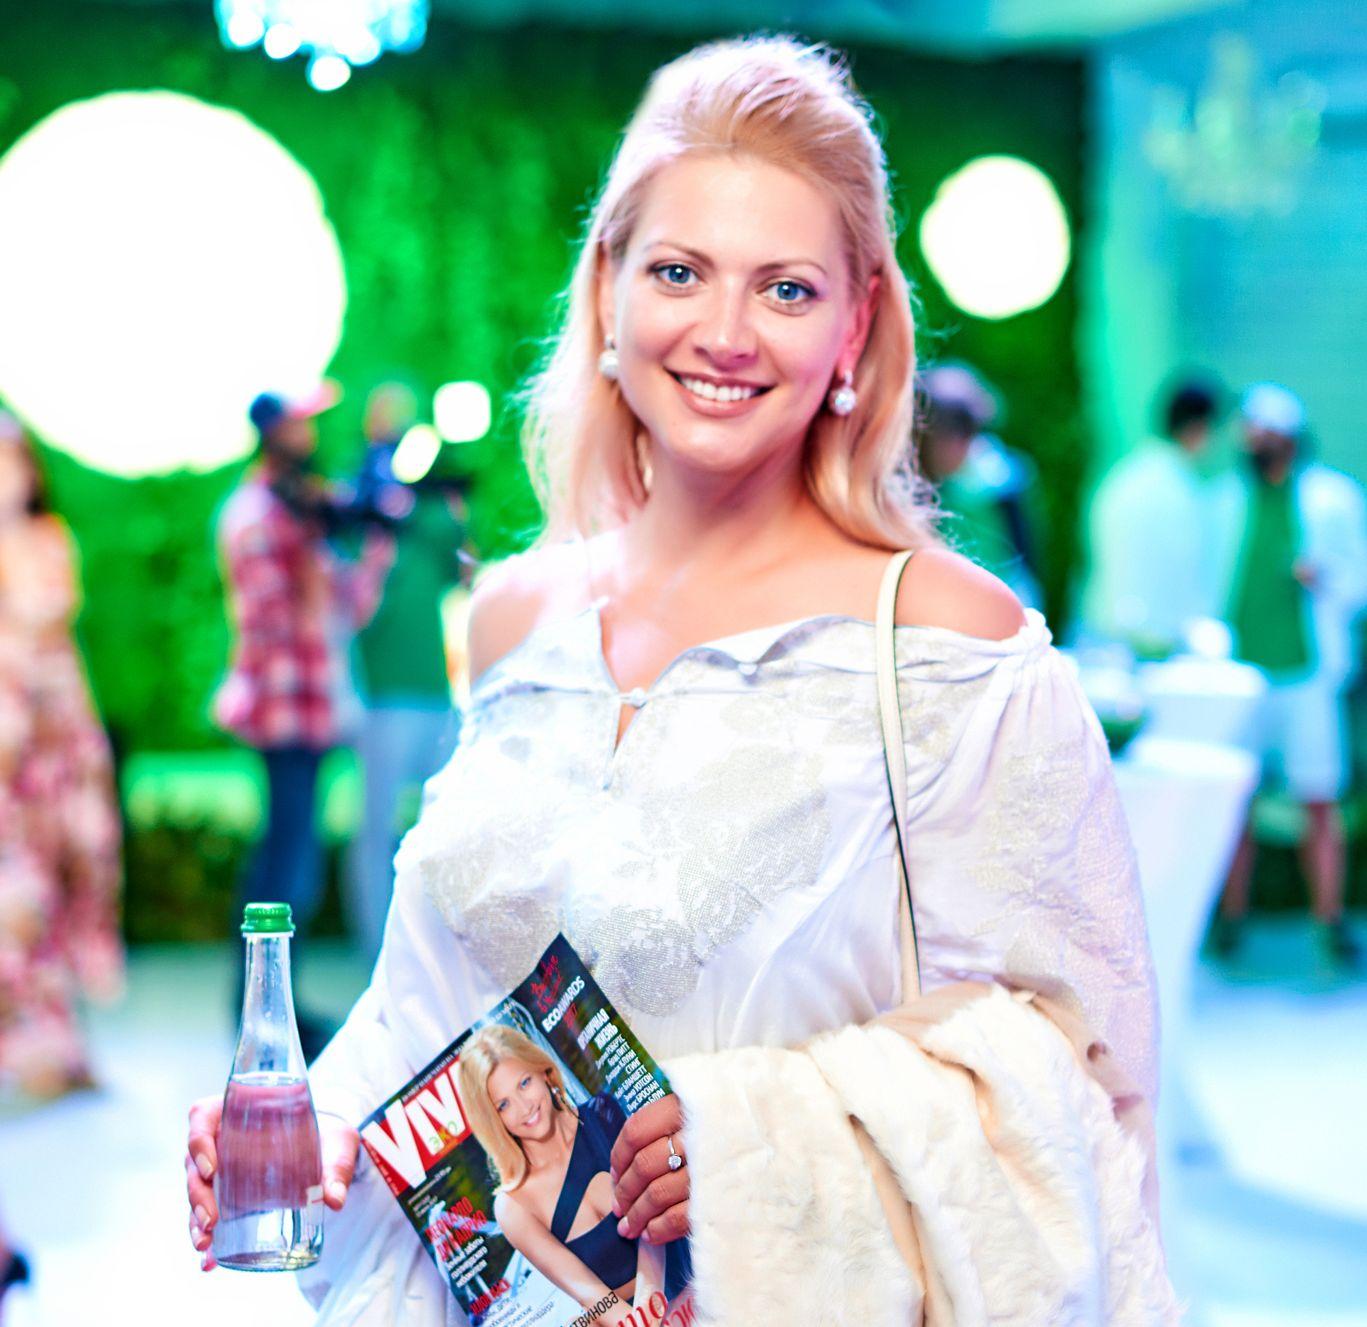 Татьяна Литвинова показала стройные ноги в мини-платье на эковечеринке Viva!